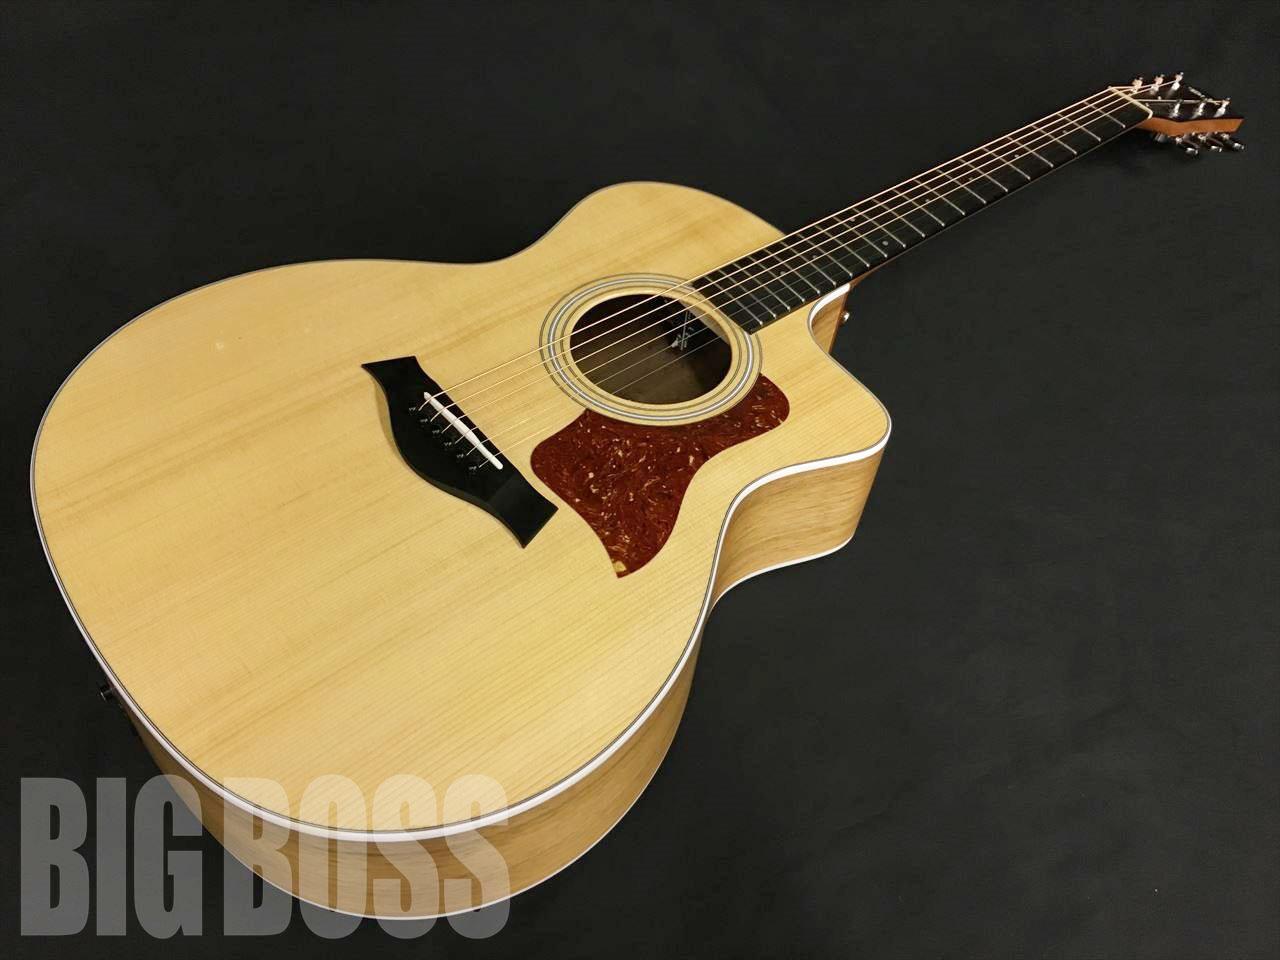 【即納可能】【アコースティックギター】Taylor 214ce-Koa